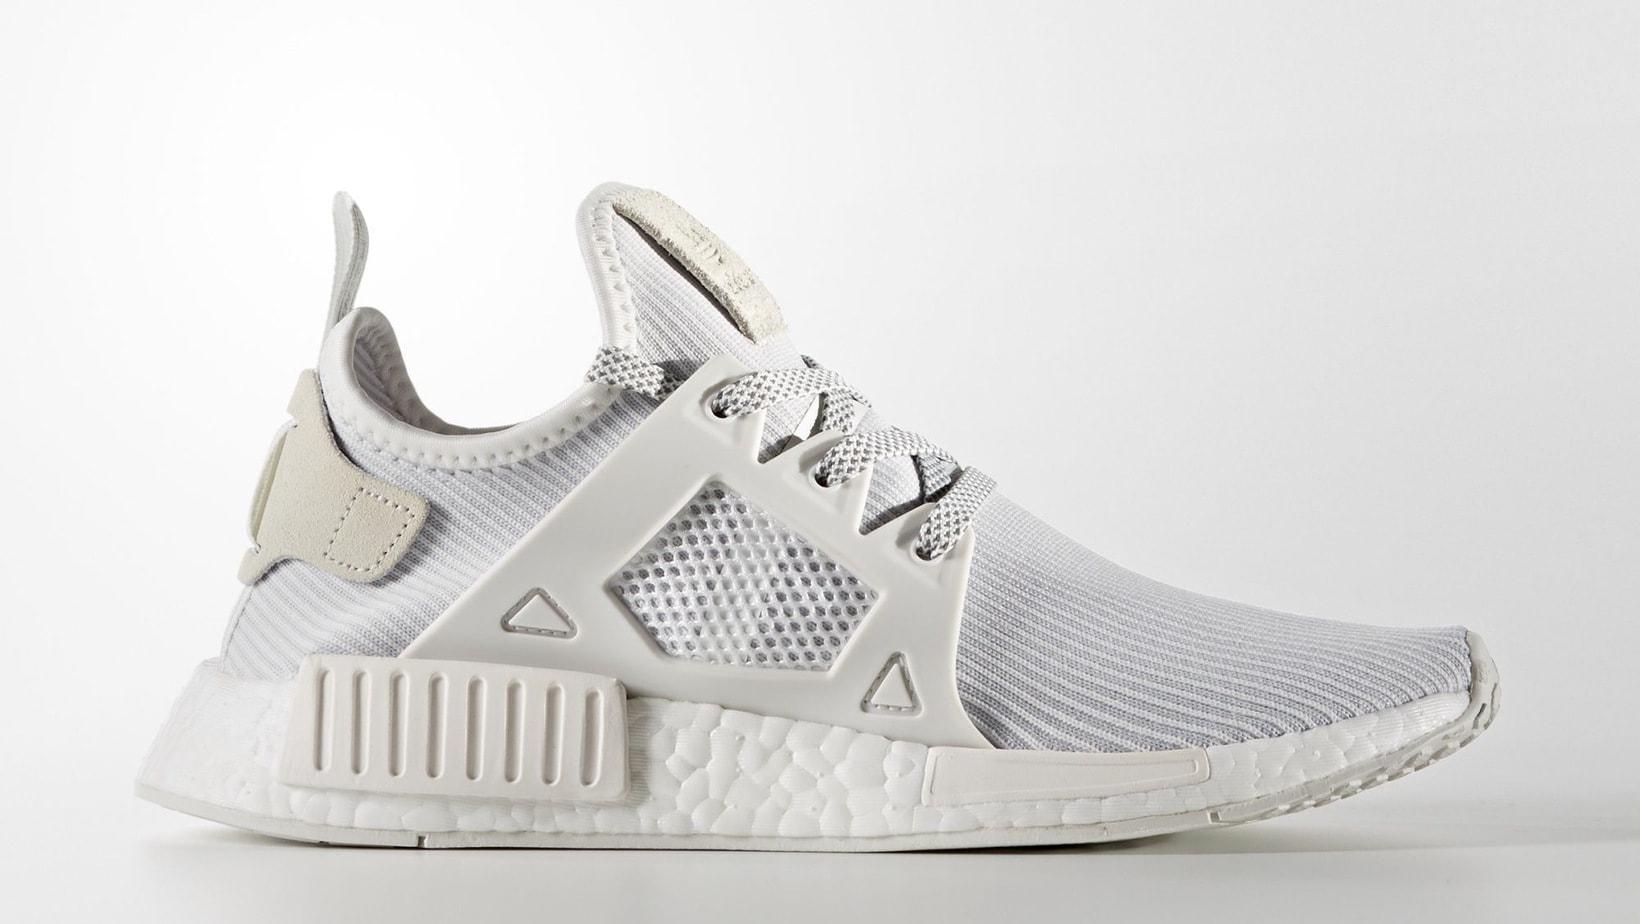 adidas ultra boost uncaged grey clear grey solid grey adidas nmd r1 primeknit japan boost nmd